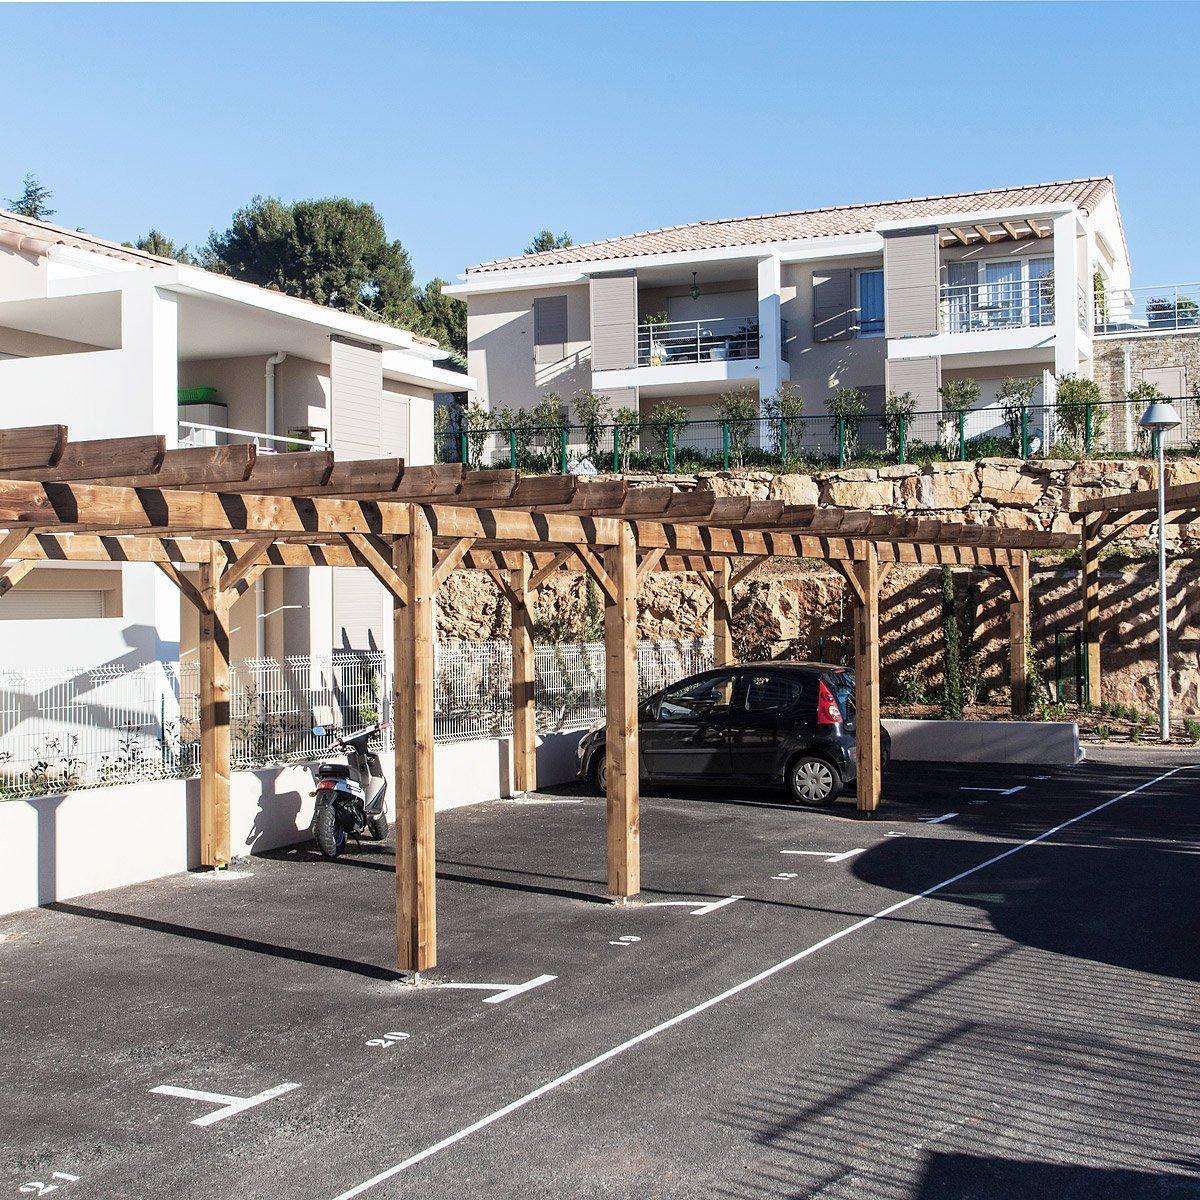 Parking d'une résidence conçue par le promoteur Vinci Immobilier photographié par Denis Dalmasso Photographe d'architecture à Aix-en-Provence